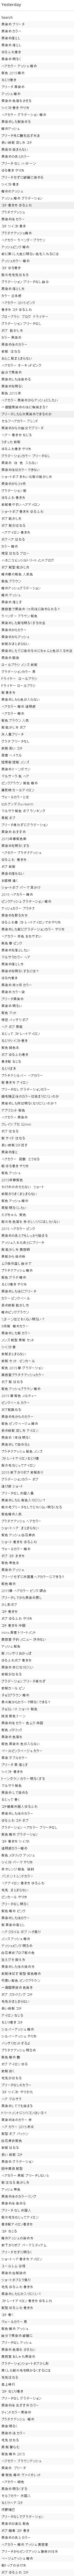 最近の流行のキーワードは【黒染め落とし】(渋谷区在住谷垣良和さんのブログの場合)2